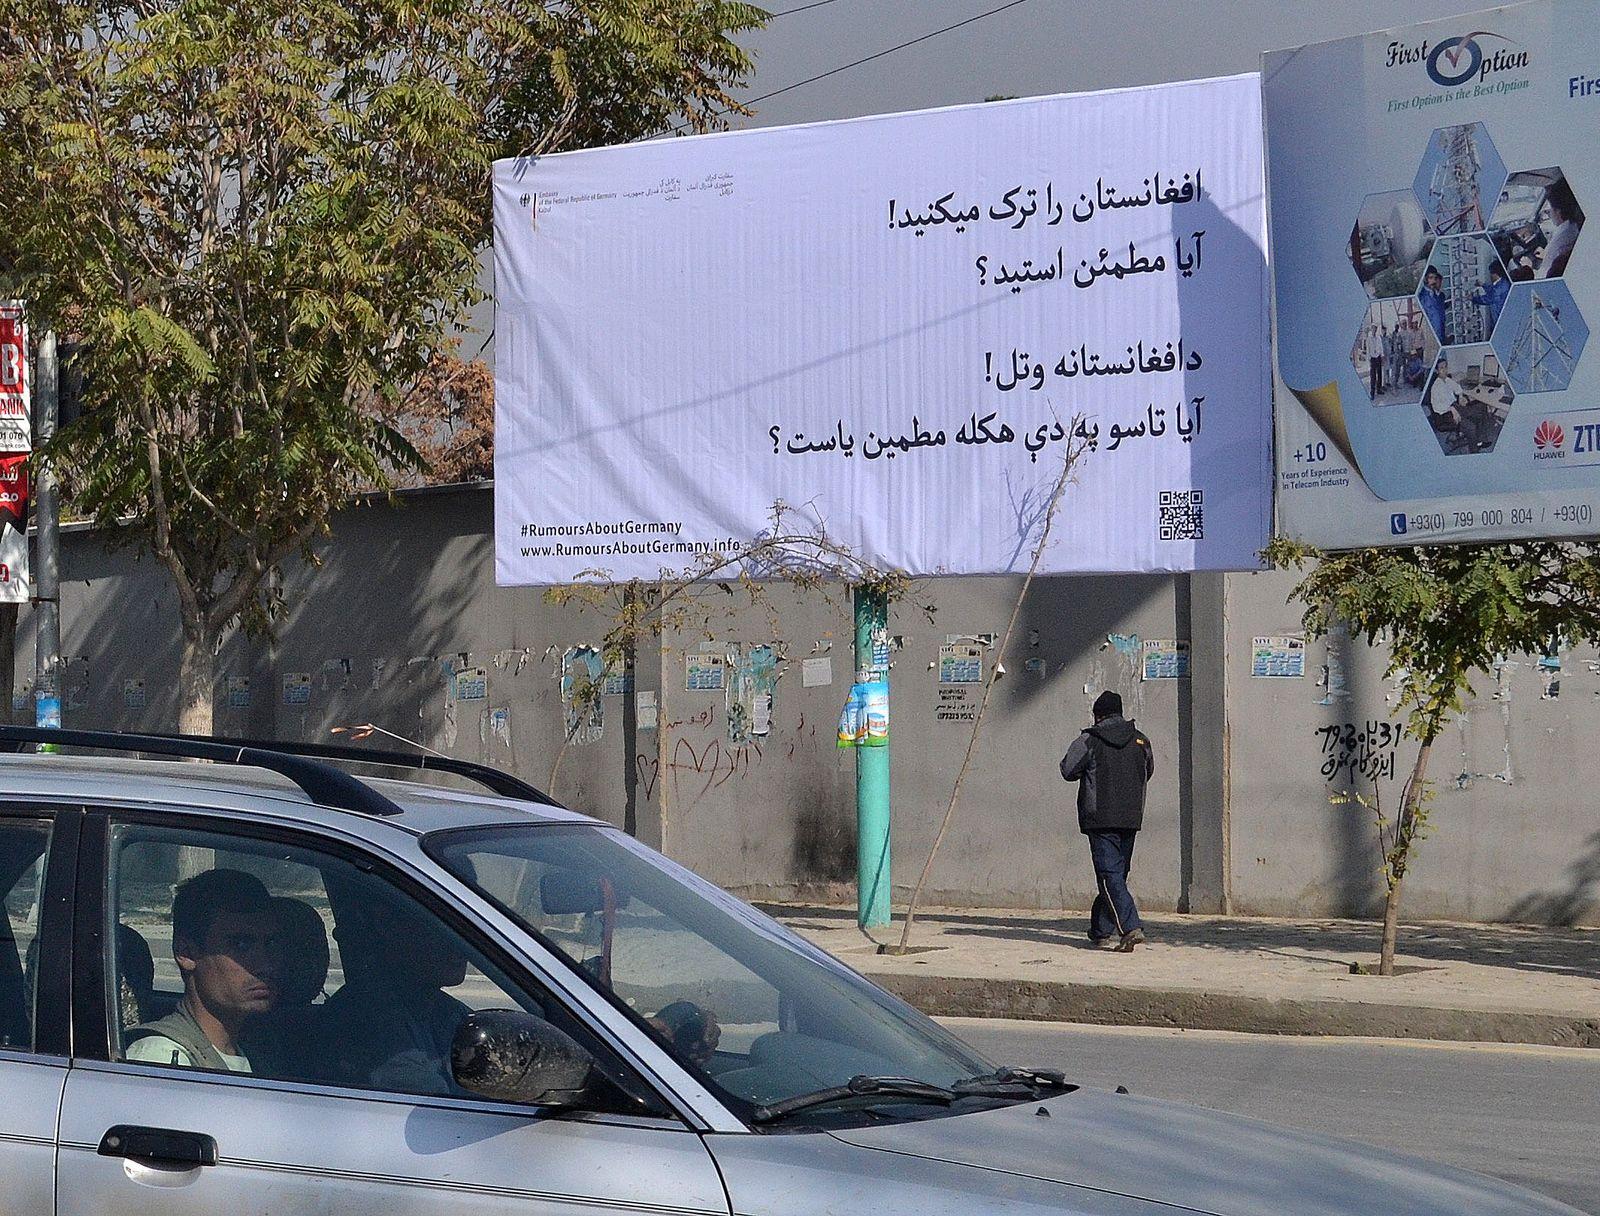 Plakatkampagne in Afghanistan